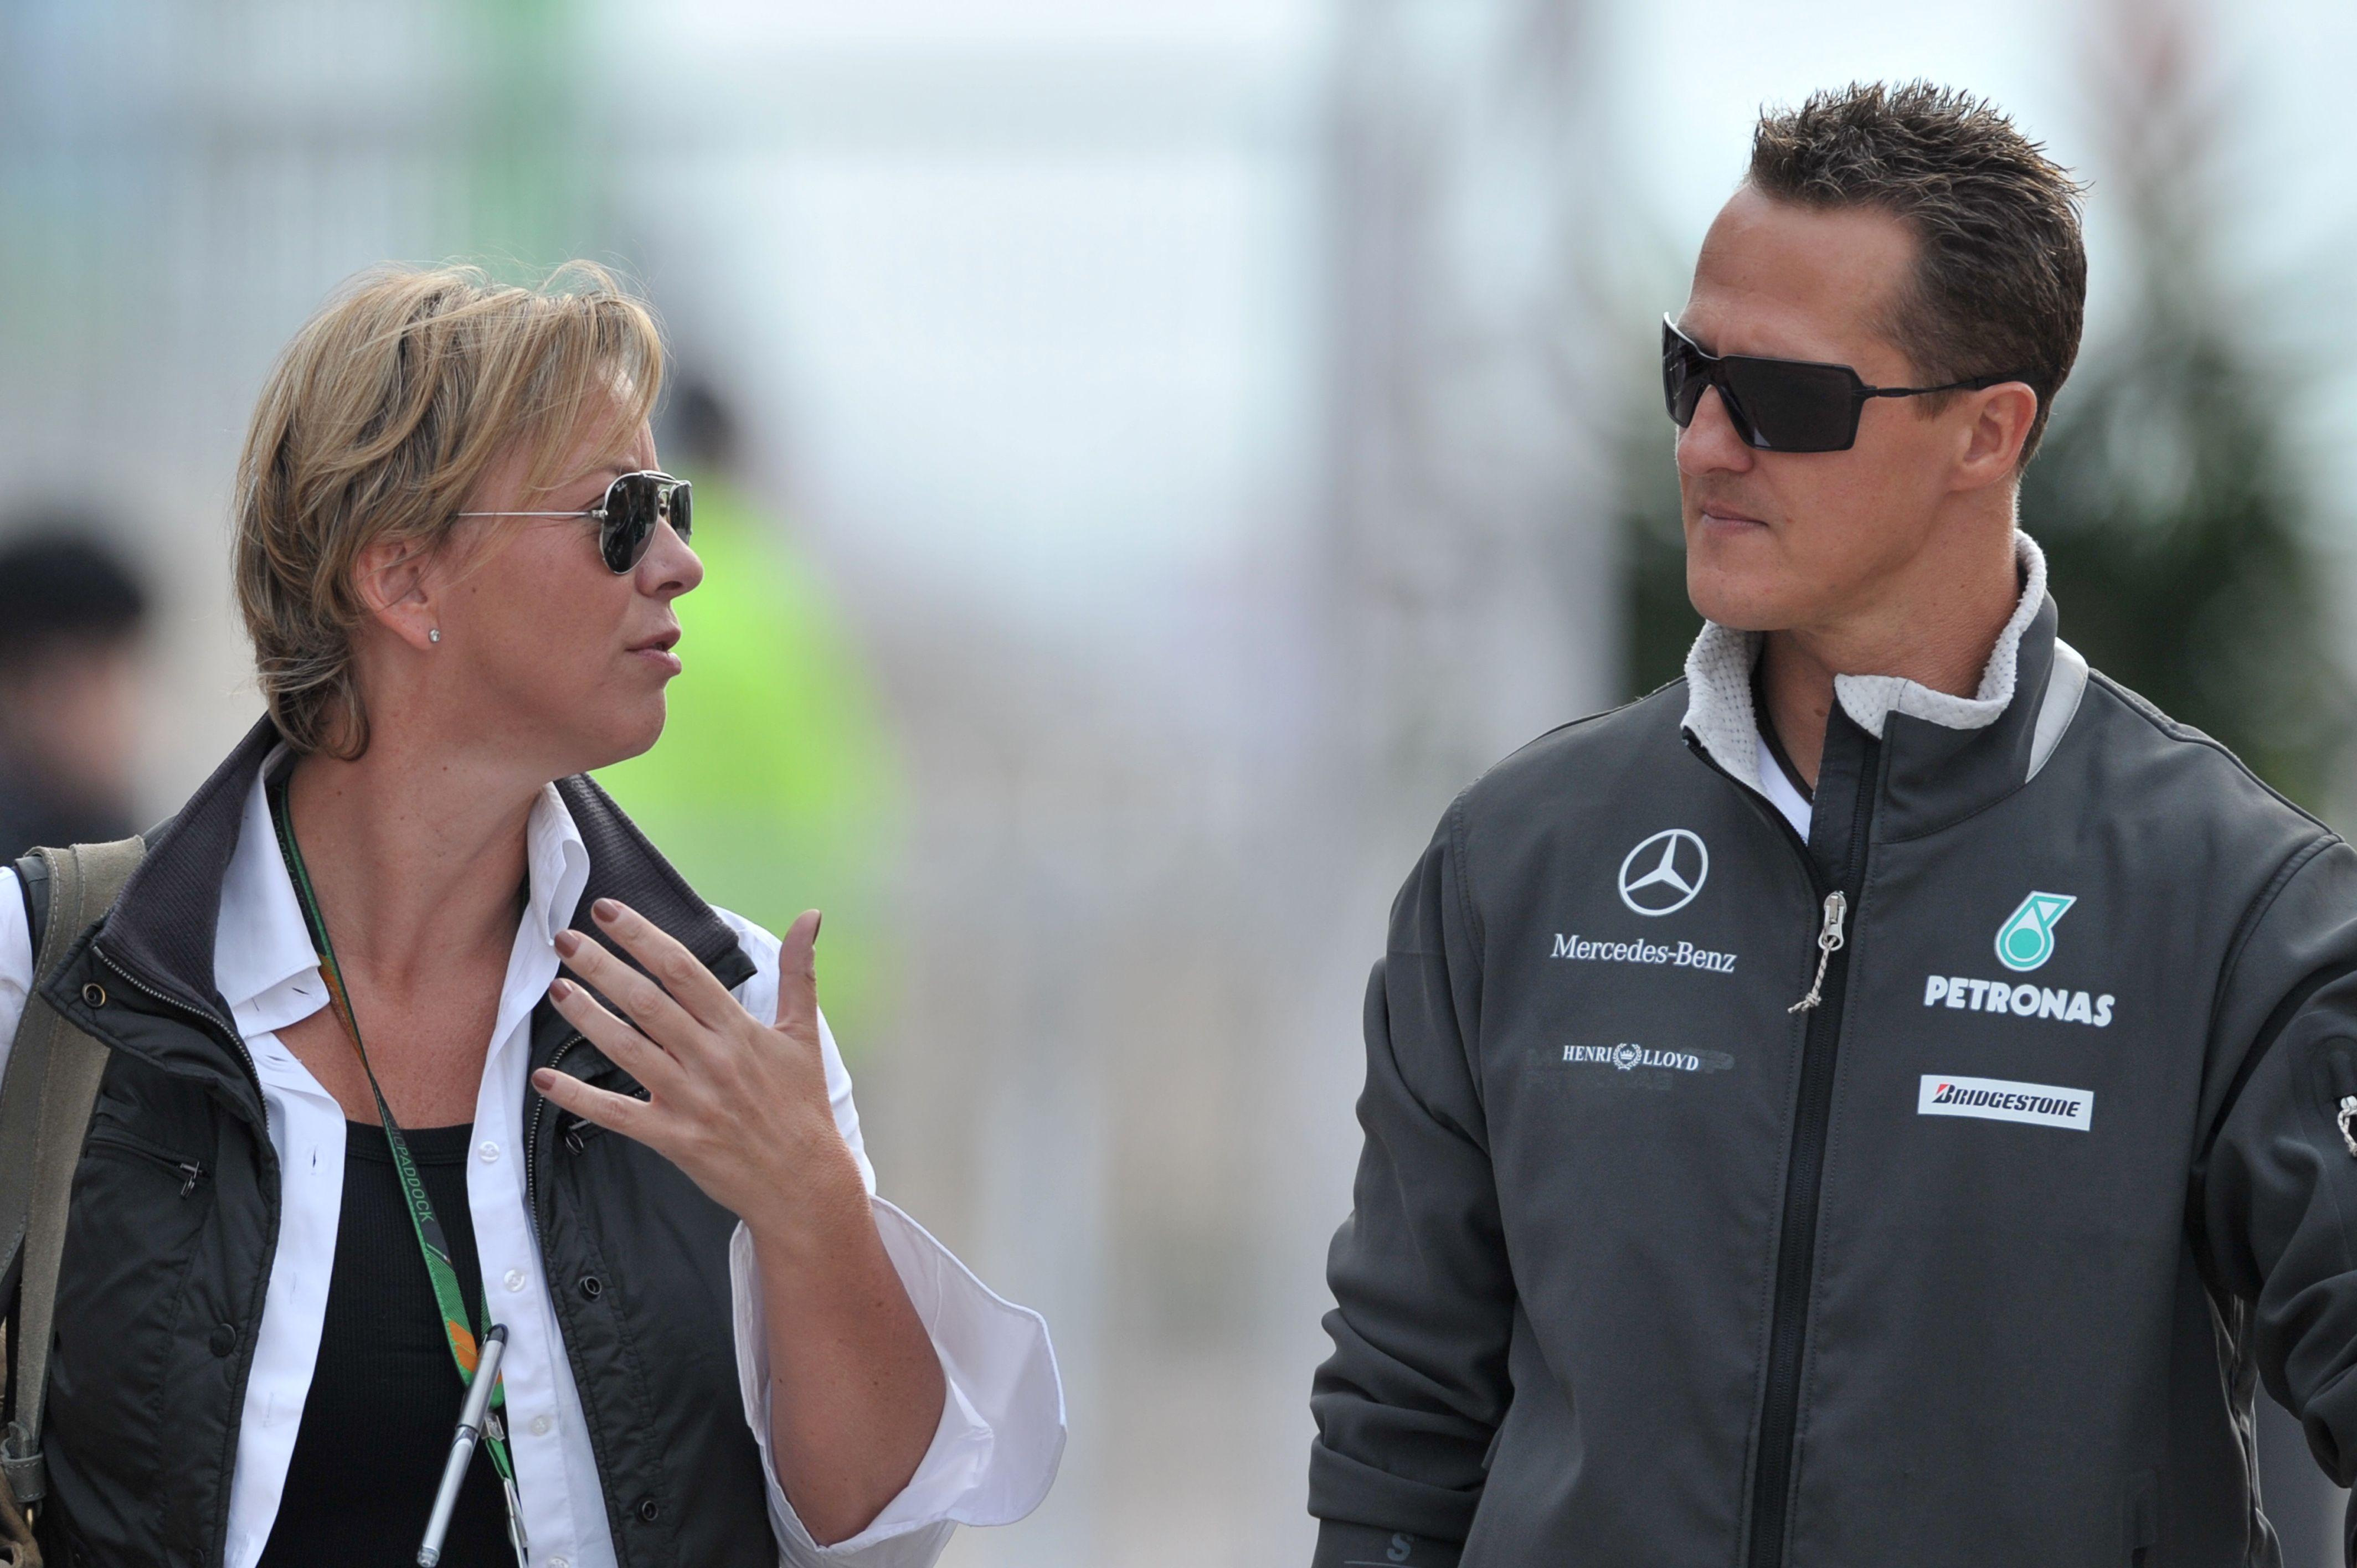 Sabine Kehm (l.) und Michael Schumacher bei Großen Preis von Südkorea am24.10.2010.